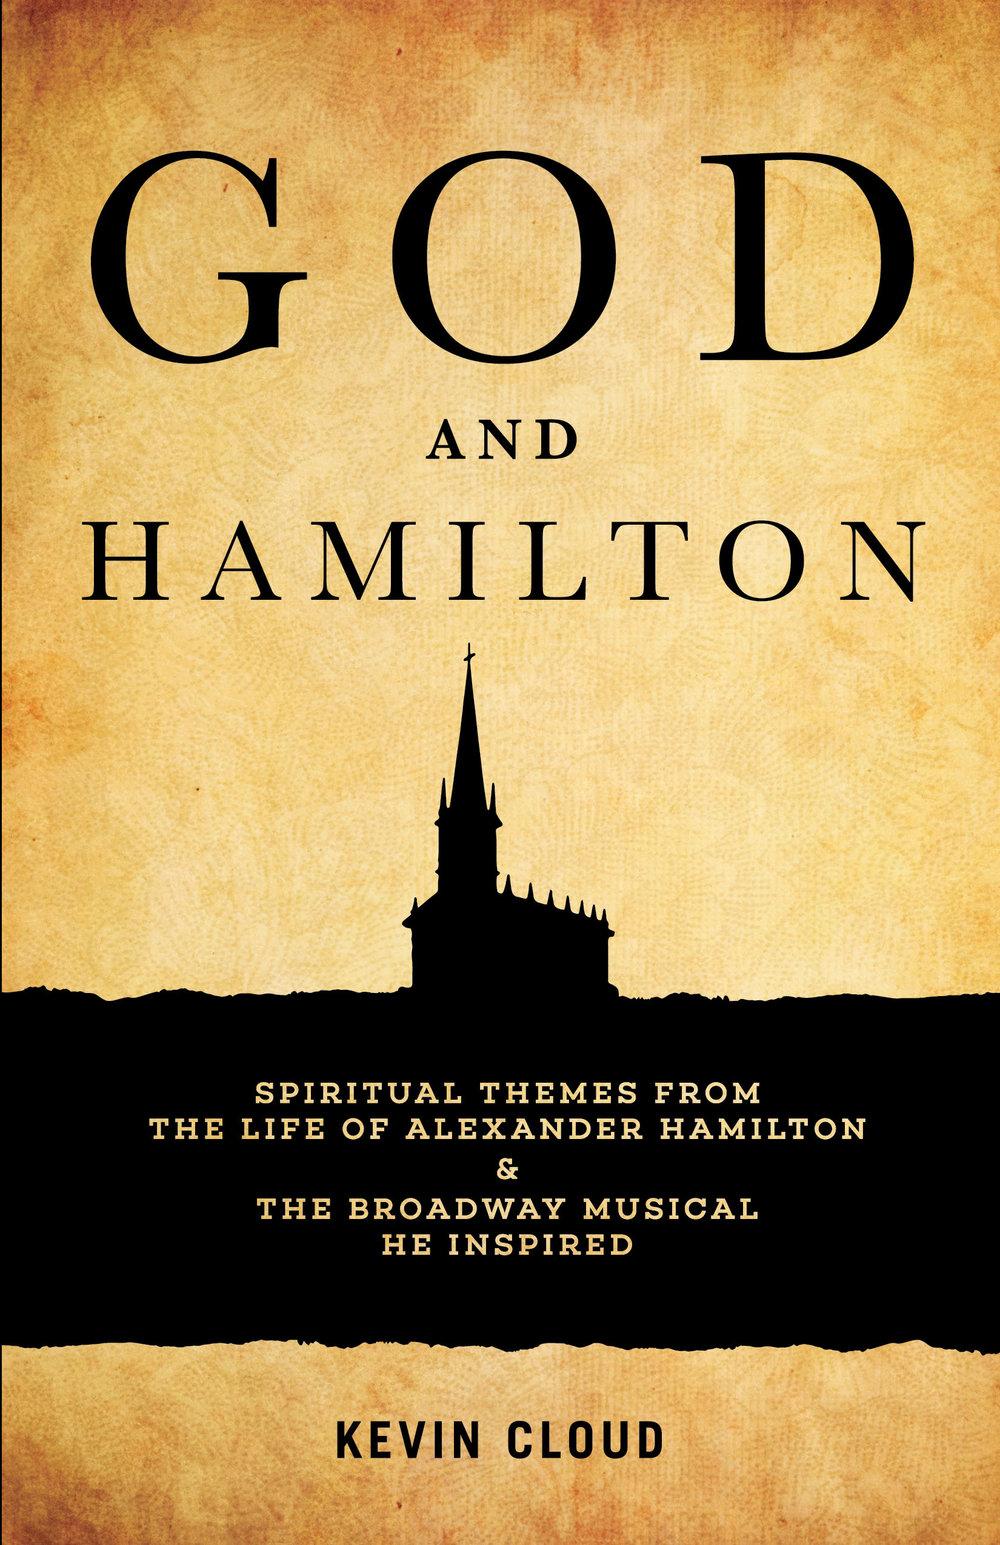 FINAL_GOD_HAMILTON_COVER.jpg